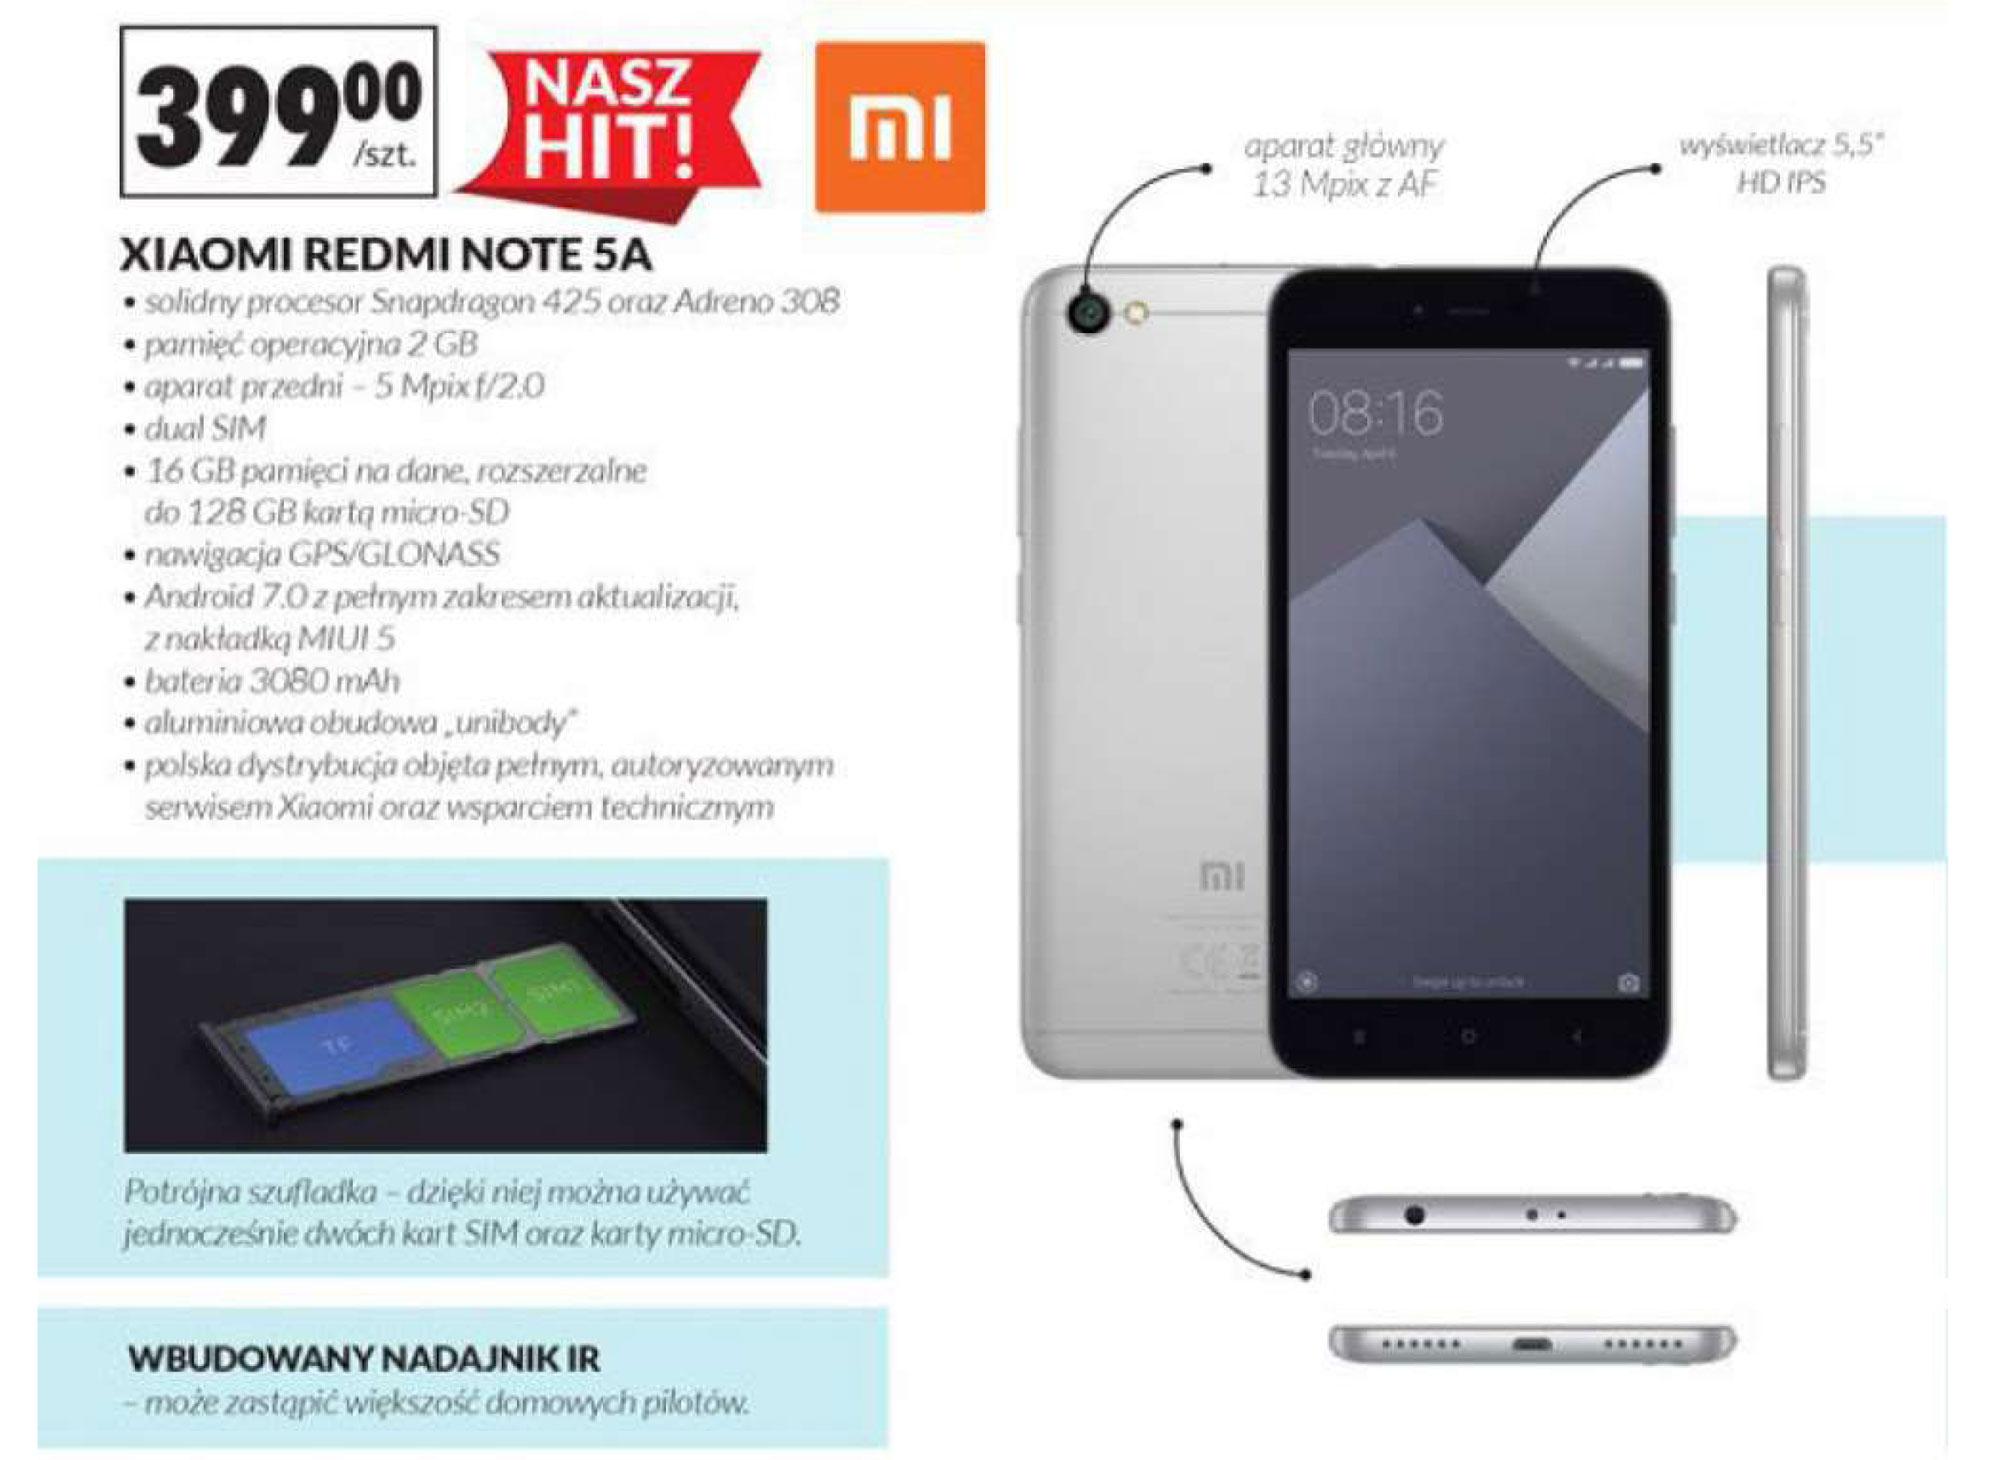 Inne informacje na temat smartfonu Xiaomi Redmi Note 5A